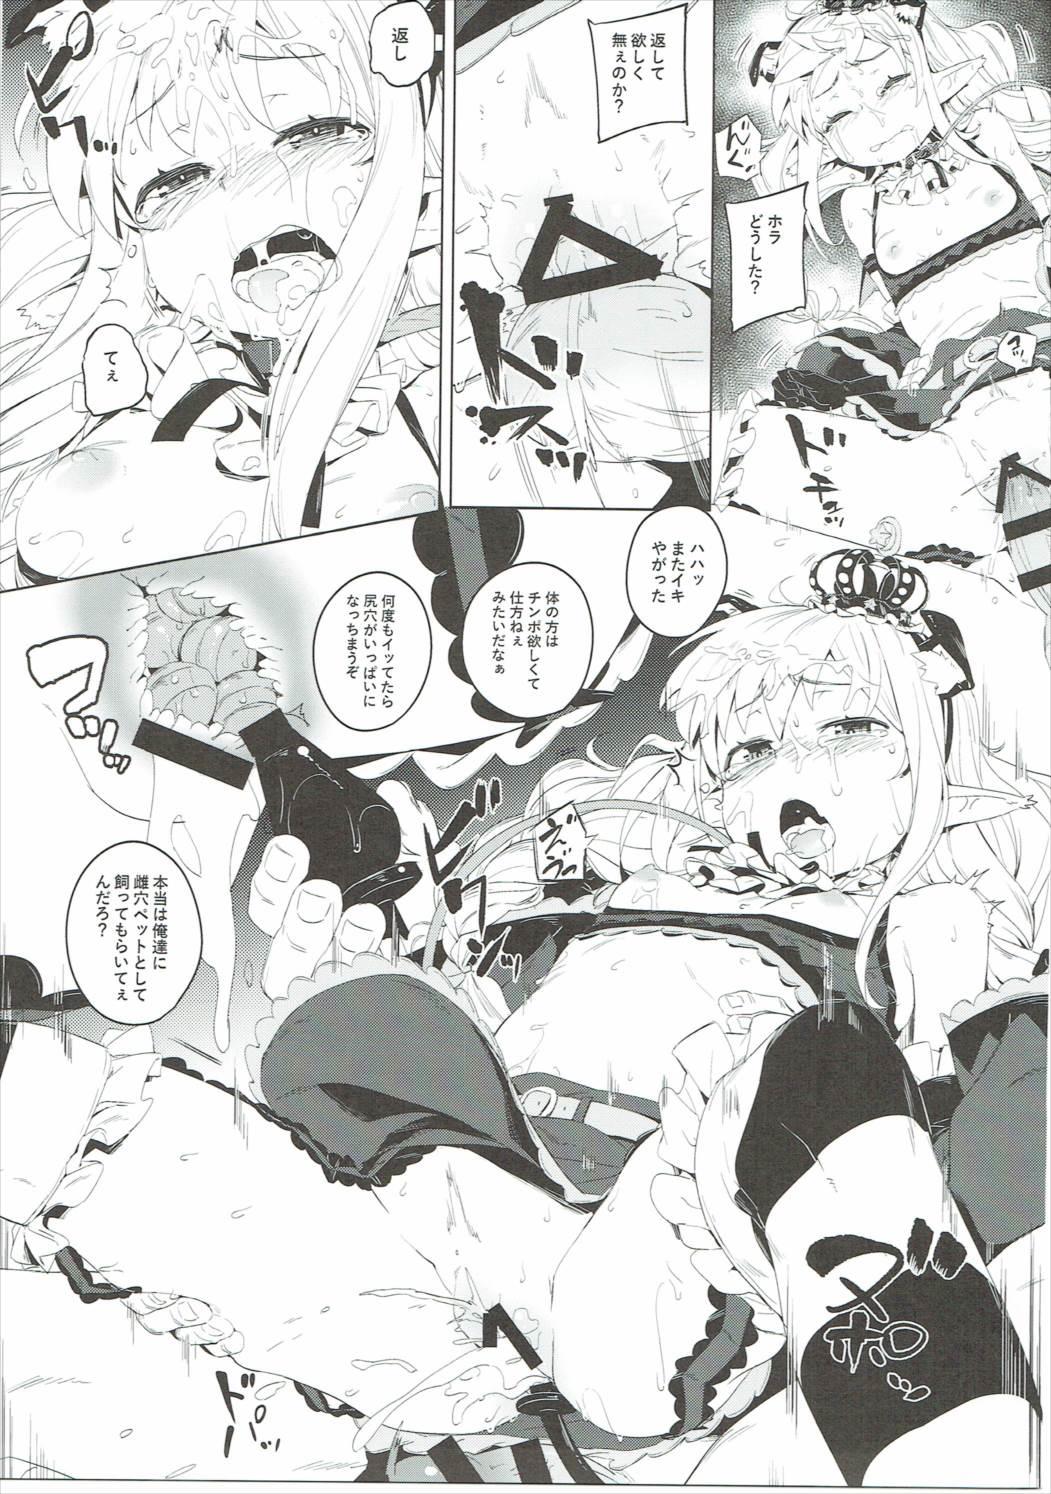 【デレマス エロ漫画・エロ同人】貧乳ロリの双葉杏が薬盛られてレイプされてるンゴw開放する為にエッチなゲーム始まって玩具使われ中出しセックスされまくりwww (18)